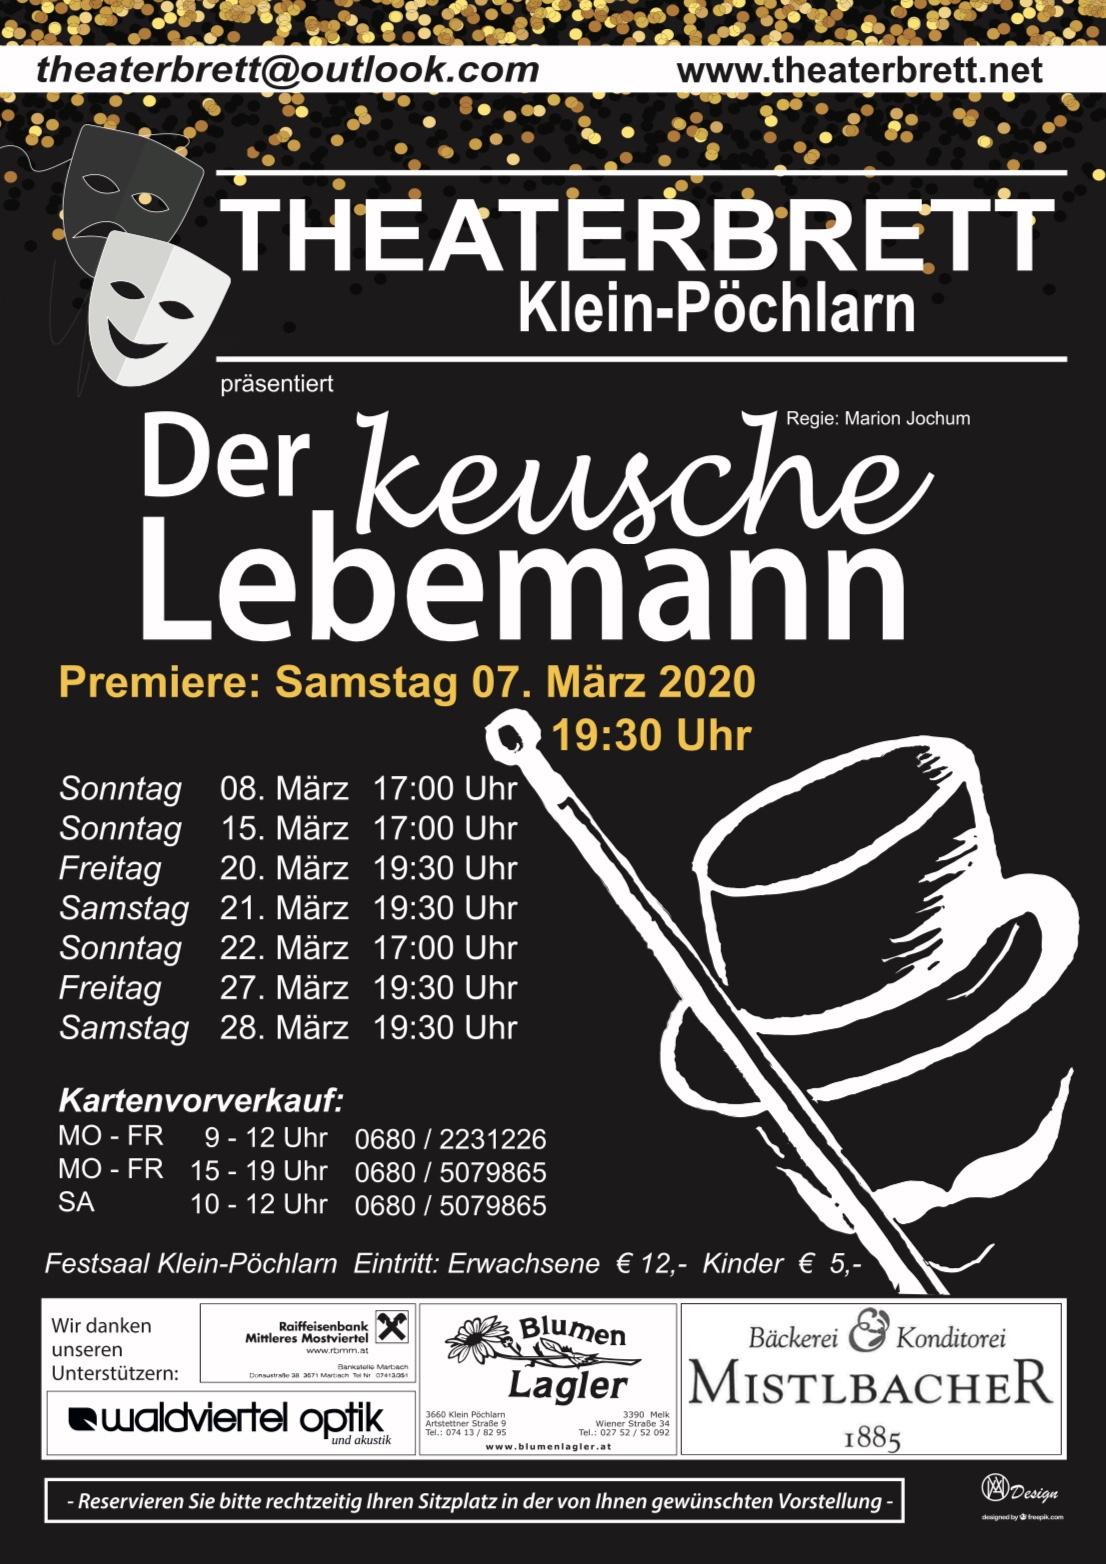 Der-keusche-Lebemann-Plakat